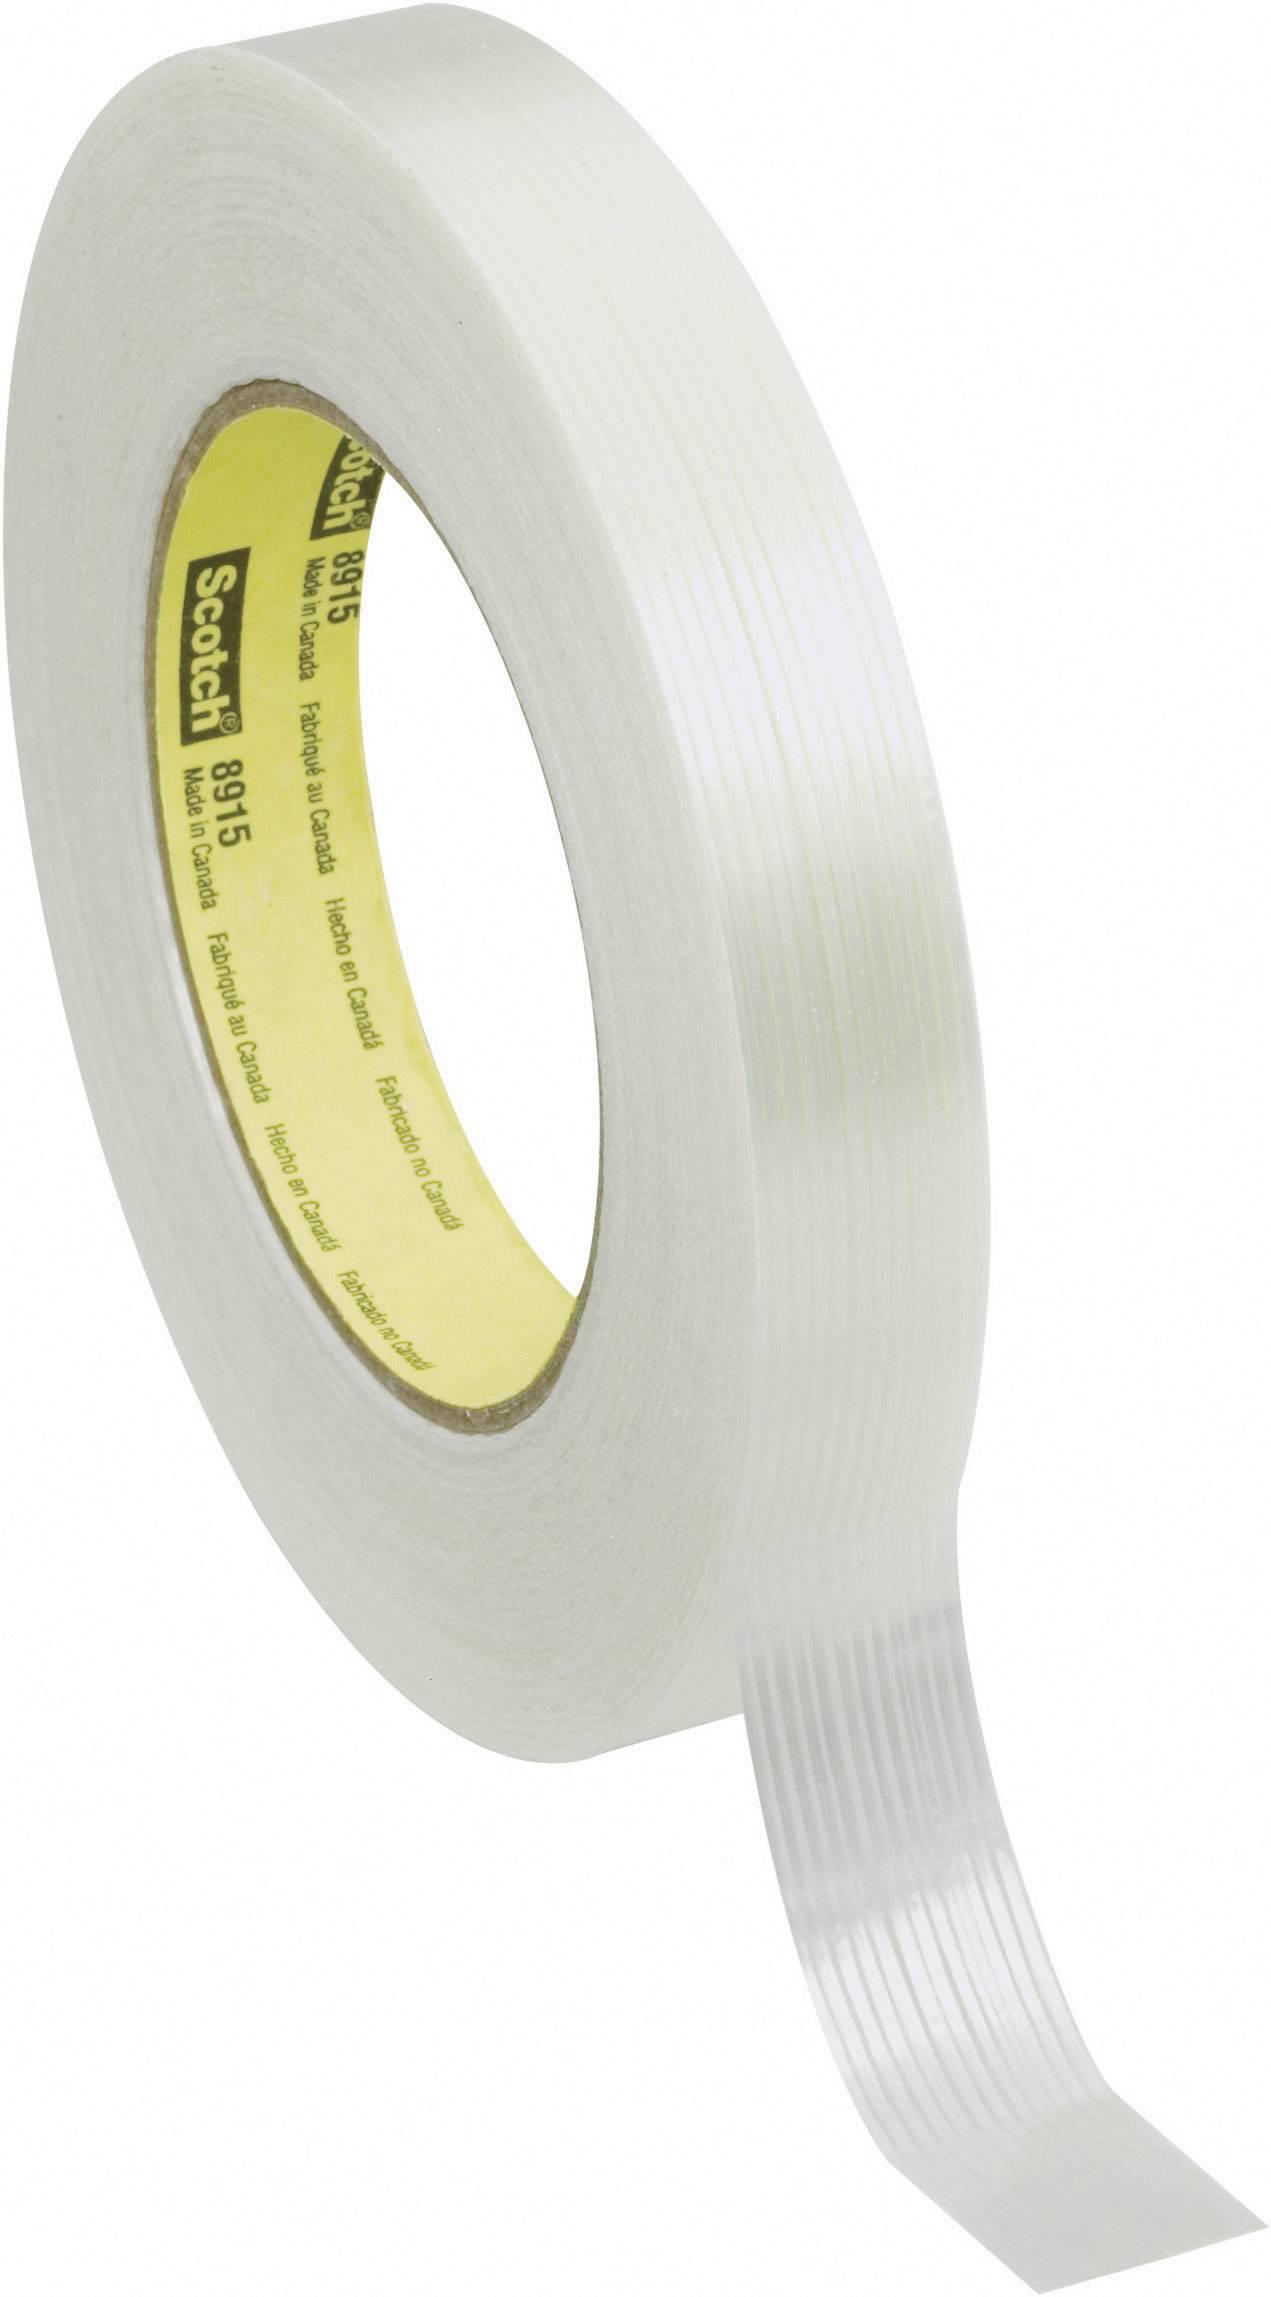 Vláknitá lepiaca páska 3M 8915 70-0061-5843-3, (d x š) 55 m x 18 mm, priehľadná, 1 roliek